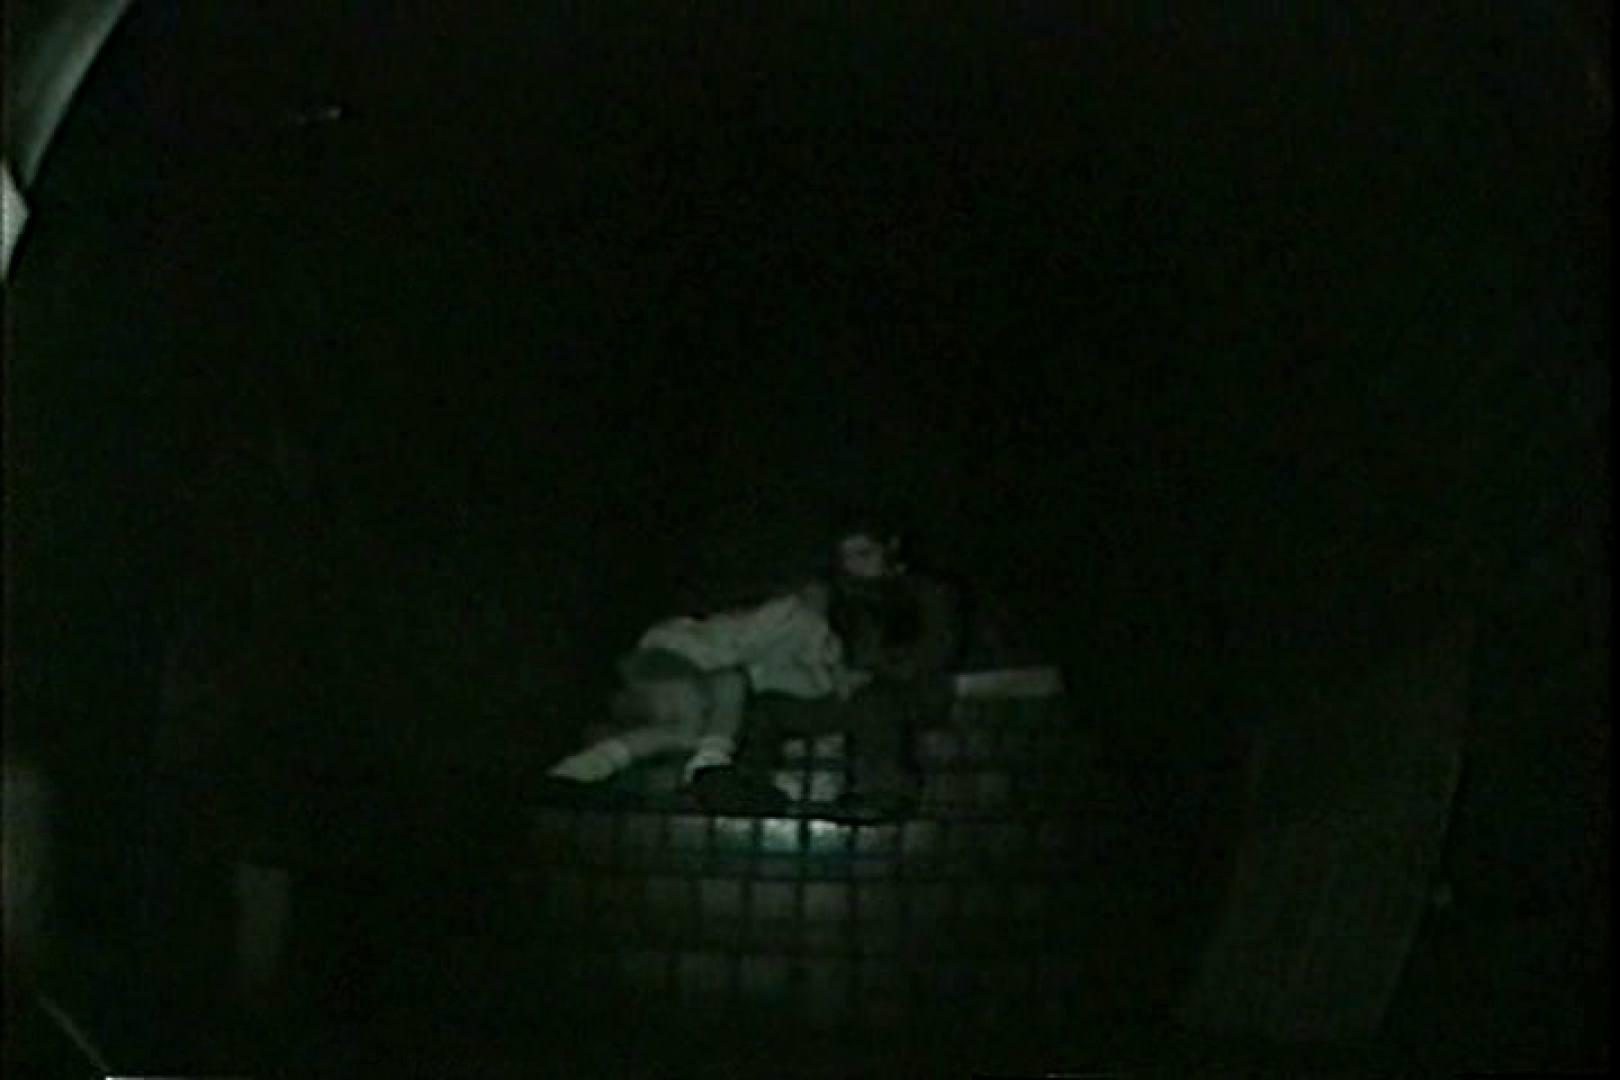 闇の仕掛け人 無修正版 Vol.17 セックス オマンコ動画キャプチャ 102pic 7